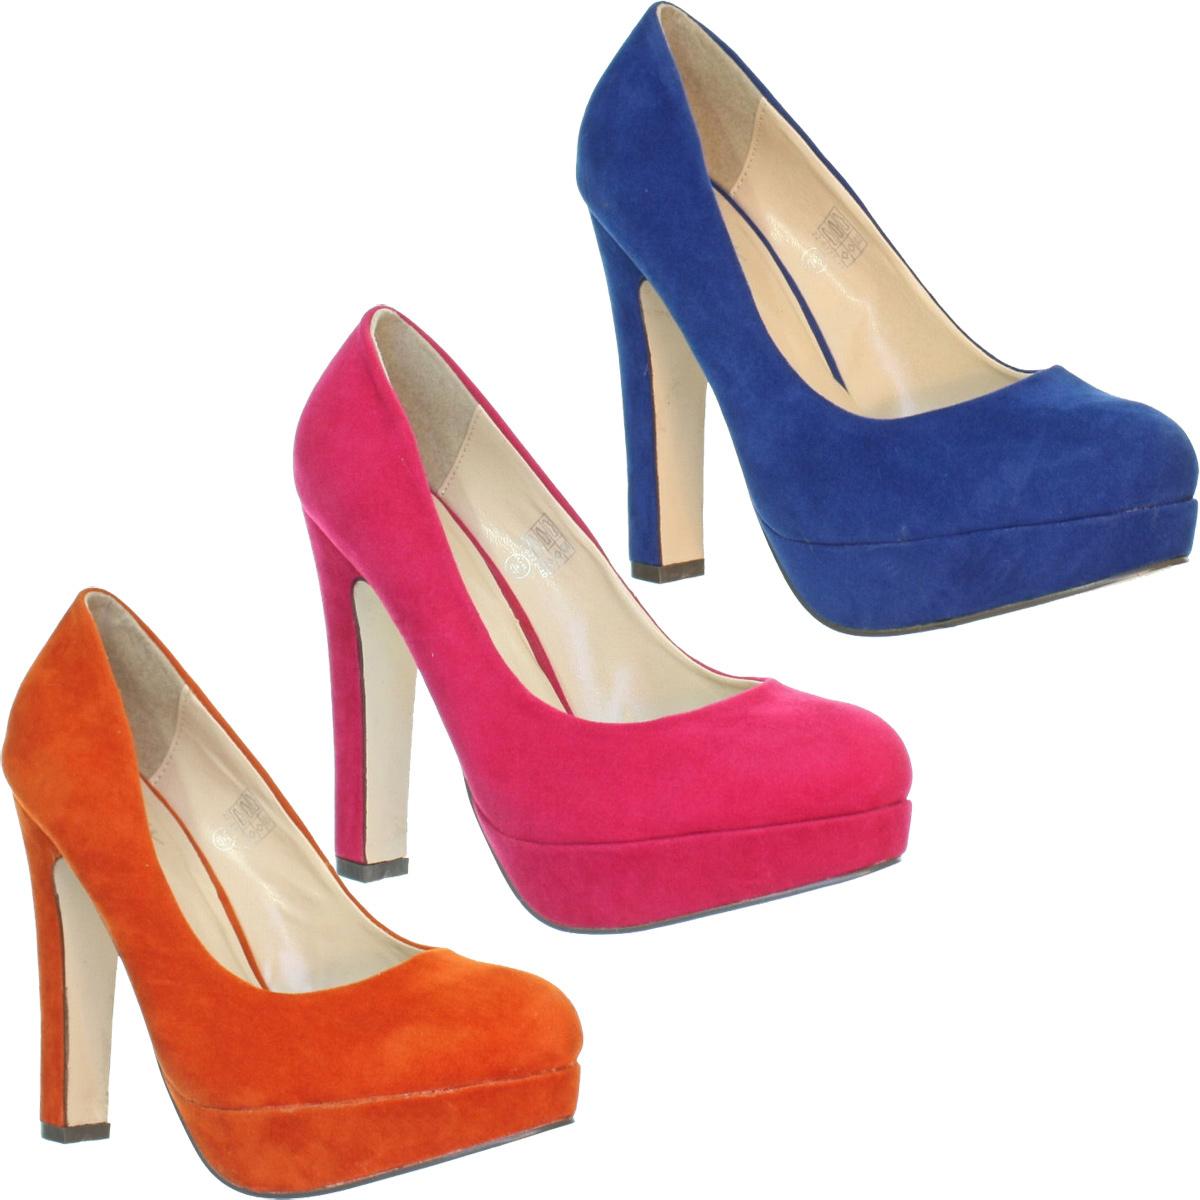 pumps farbig